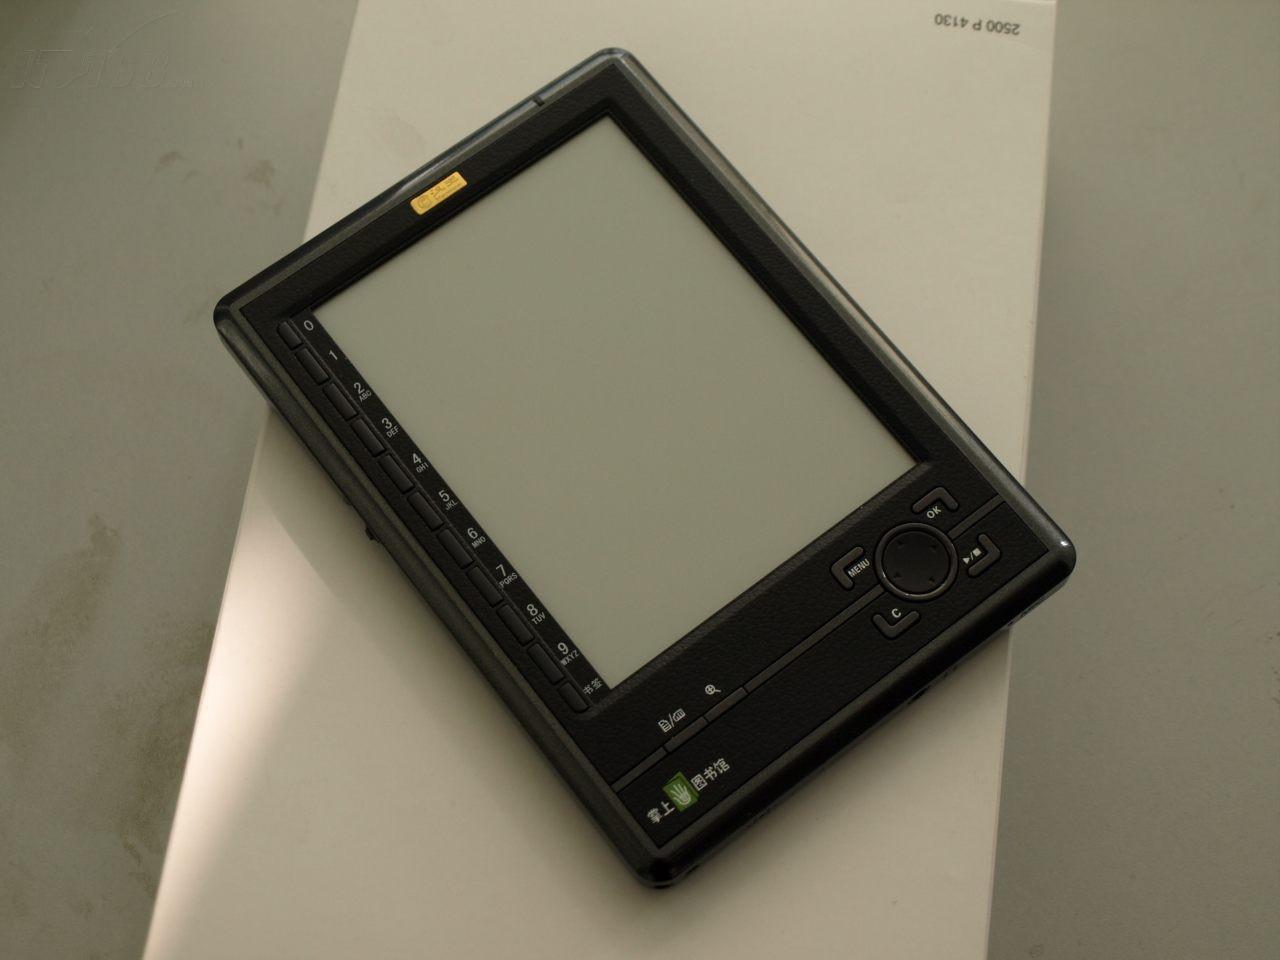 汉王n516电子书产品图片12素材-it168电子书图片大全